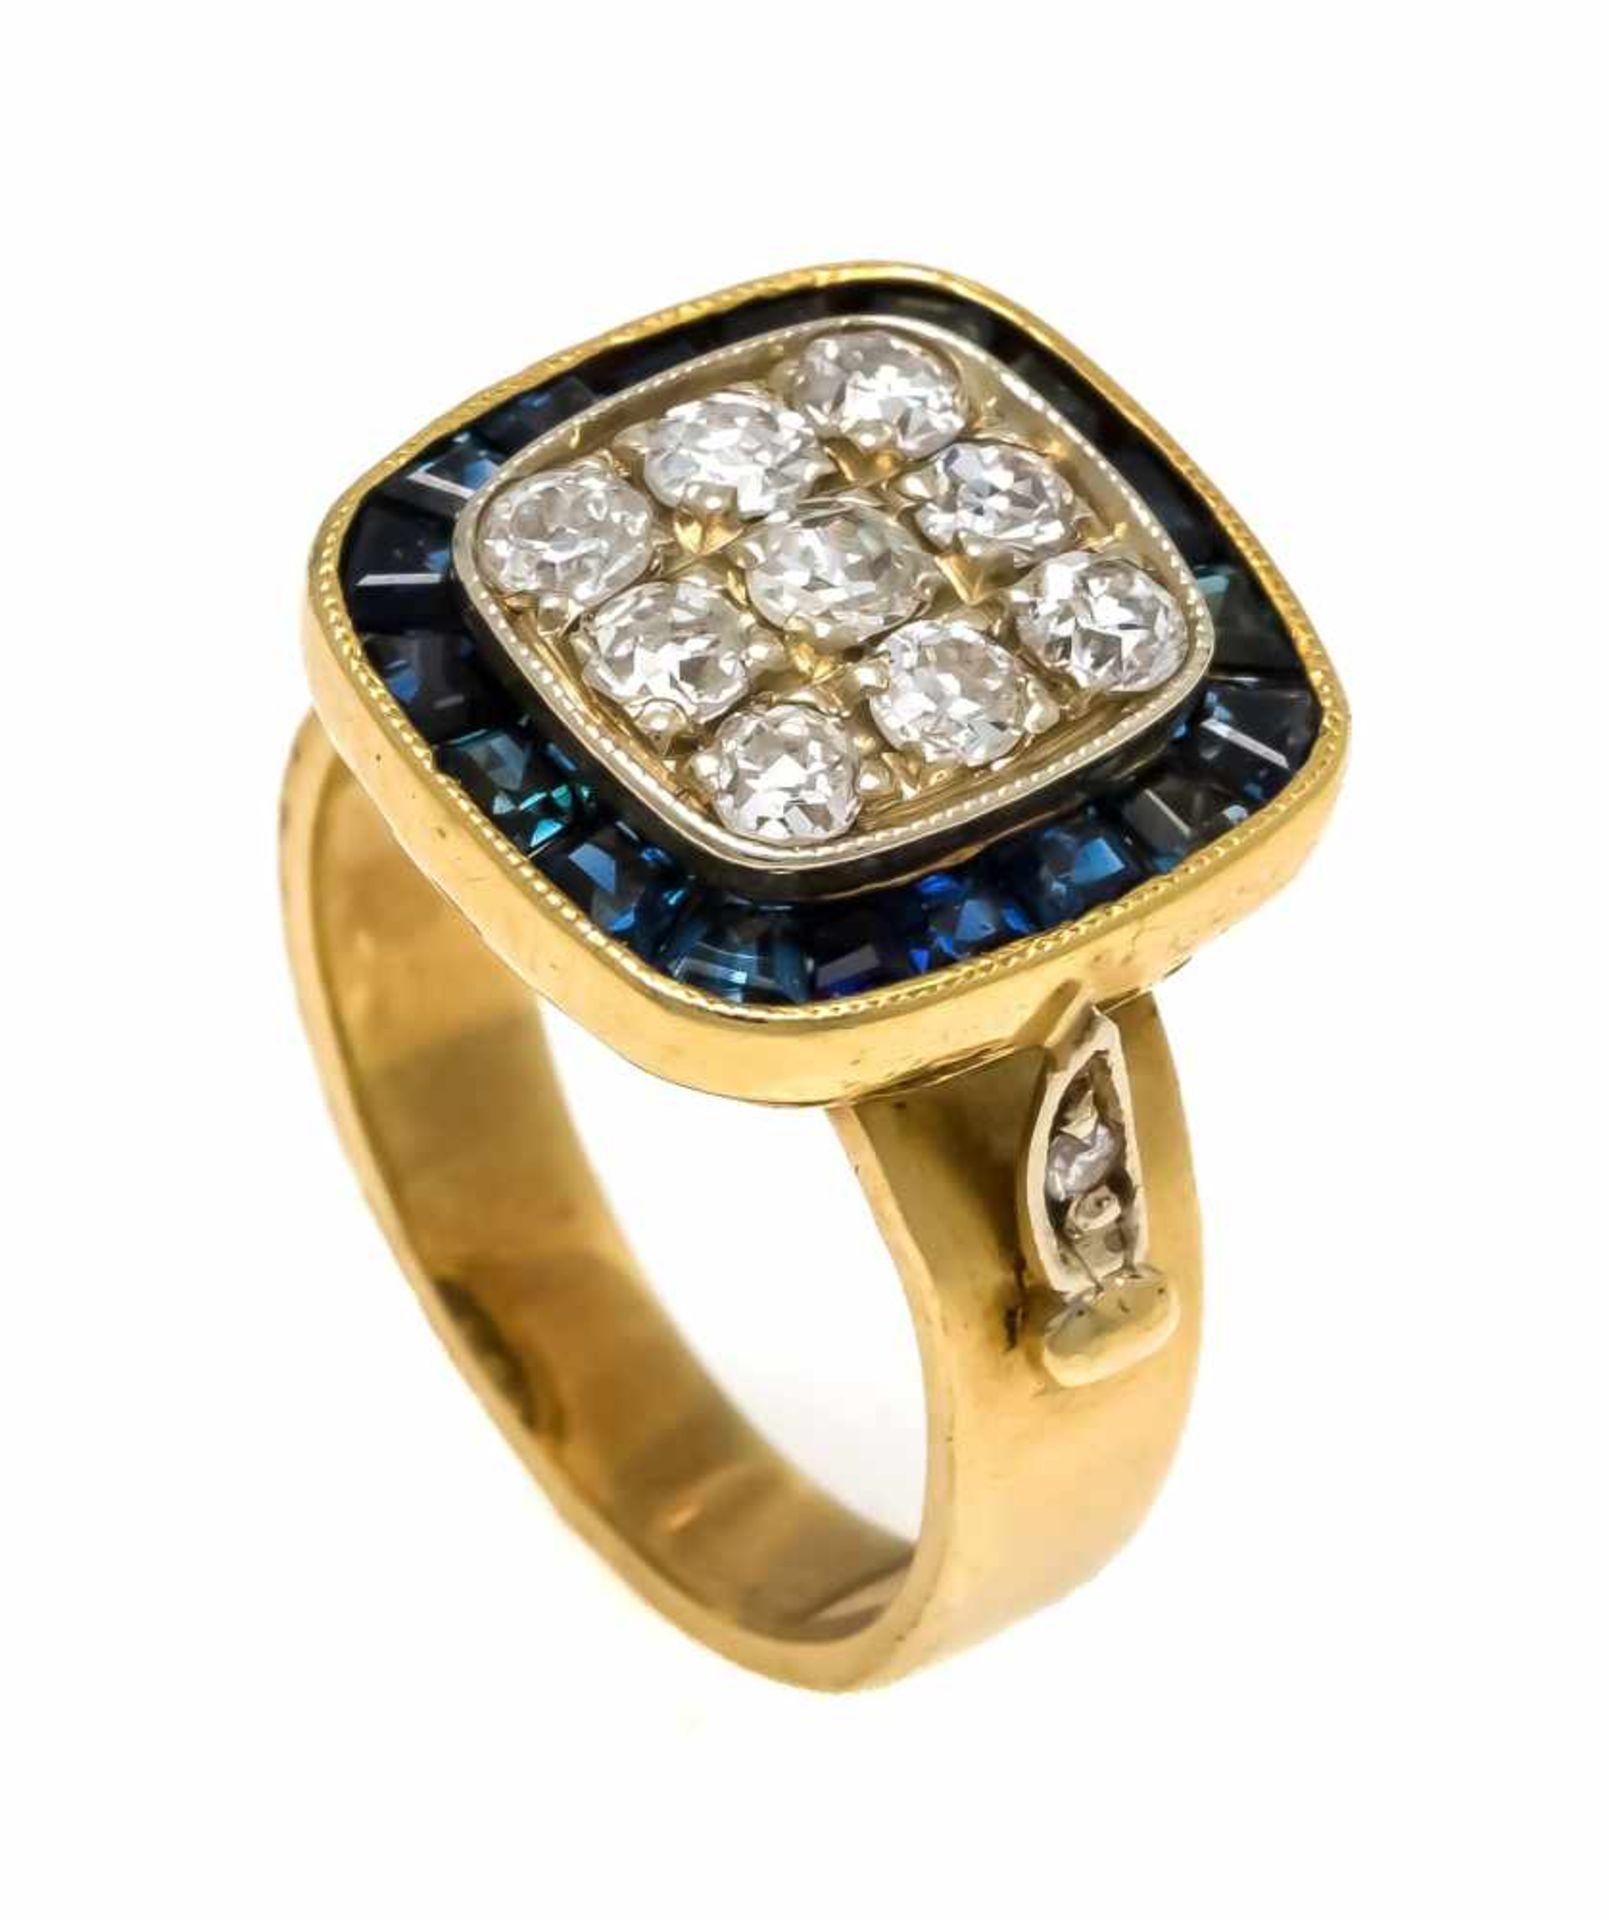 Altschliff-Diamant-Saphir-Ring GG 750/000 mit 11 Altschliff-Diamanten, zus. 0,40 ct TW/SI und fac.